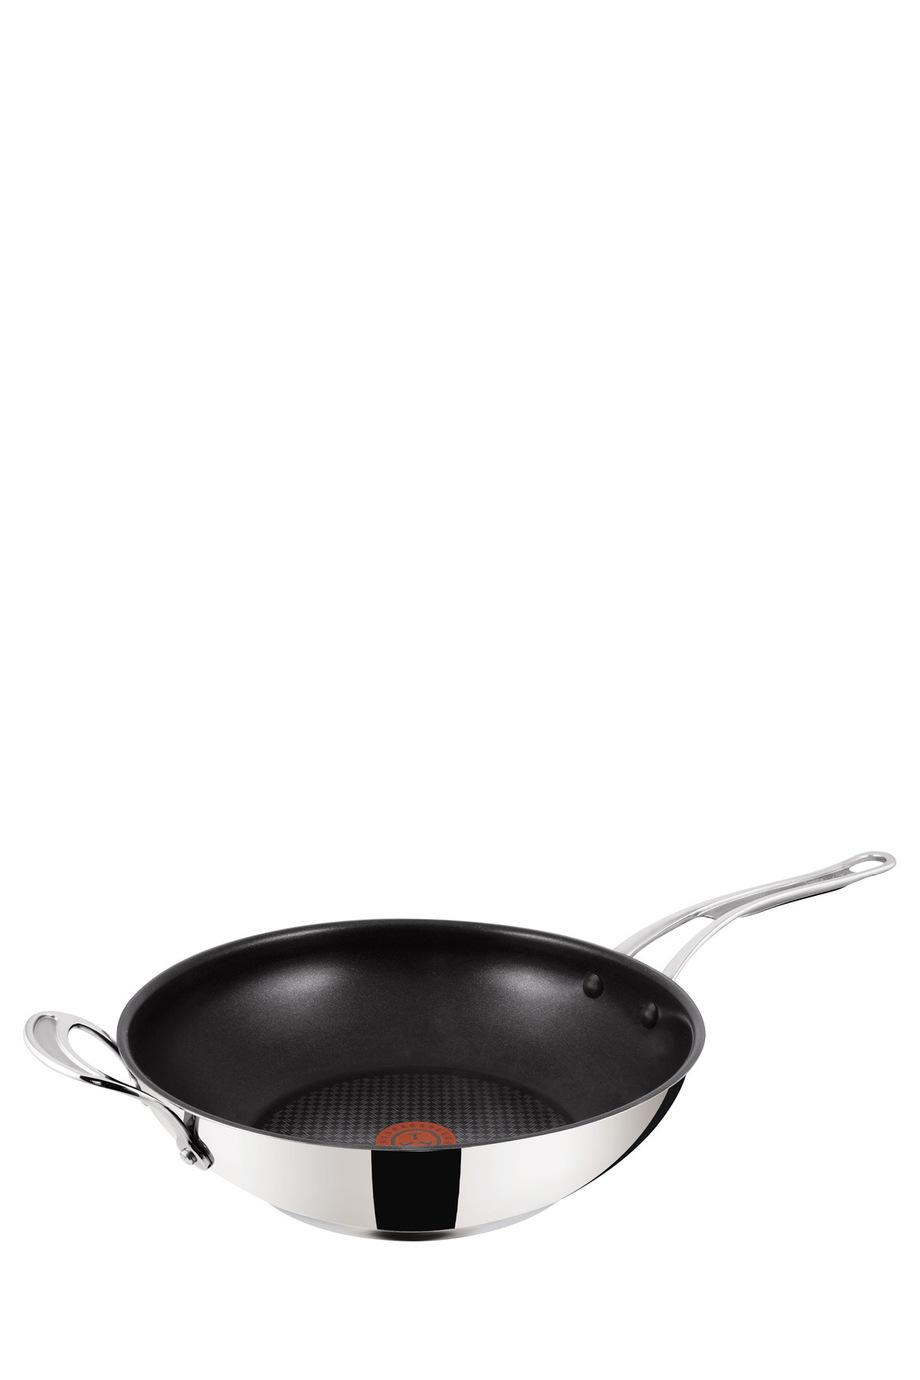 jamie oliver tefal premium stainless steel induction wok 30cm myer online. Black Bedroom Furniture Sets. Home Design Ideas